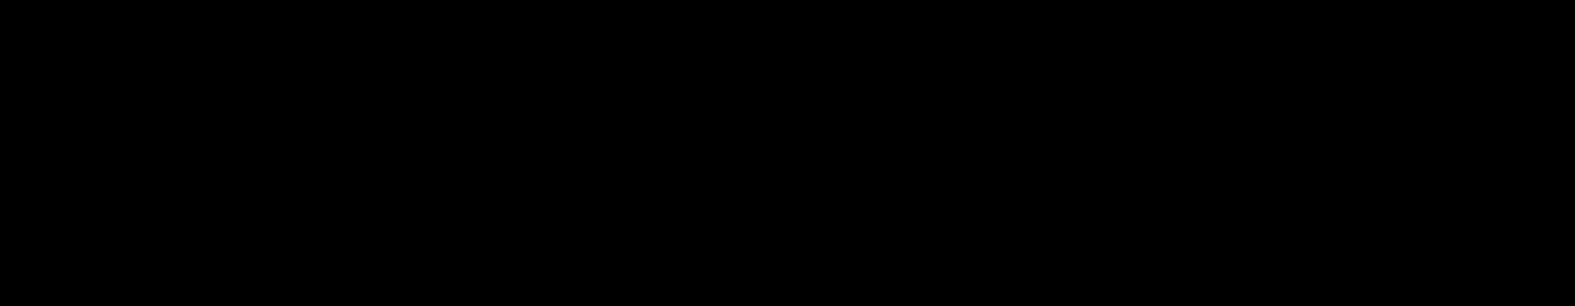 Aagaarden Langå